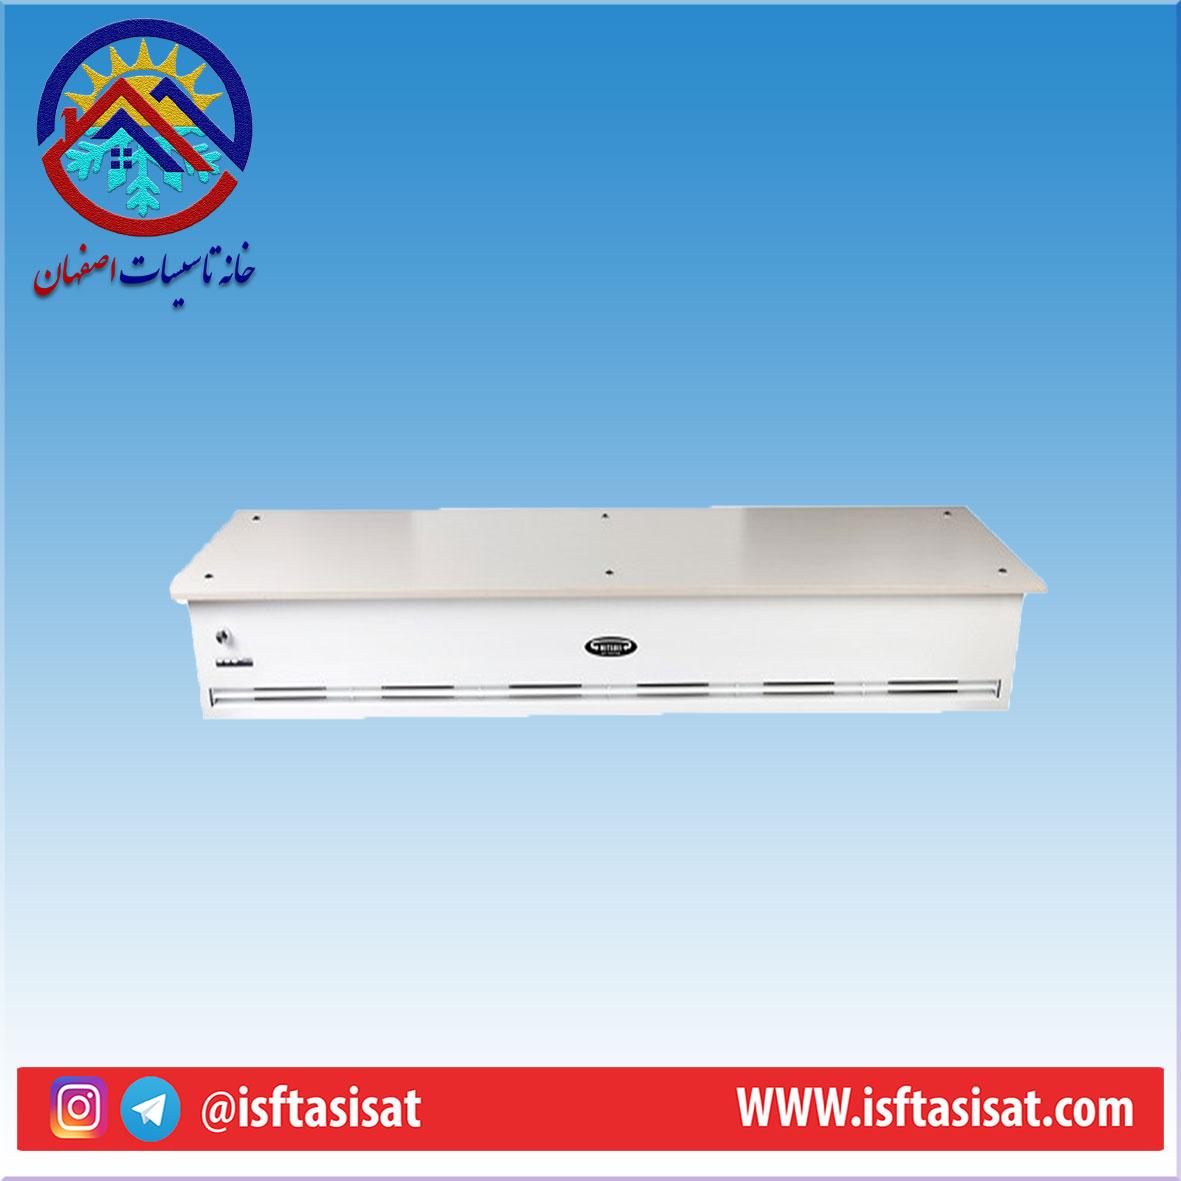 پرده هوا | پرده هوا در اصفهان | خانه تاسیسات اصفهان | isftasisat | پرده هوا میتسویی | پرده هوا میتسویی در اصفهان